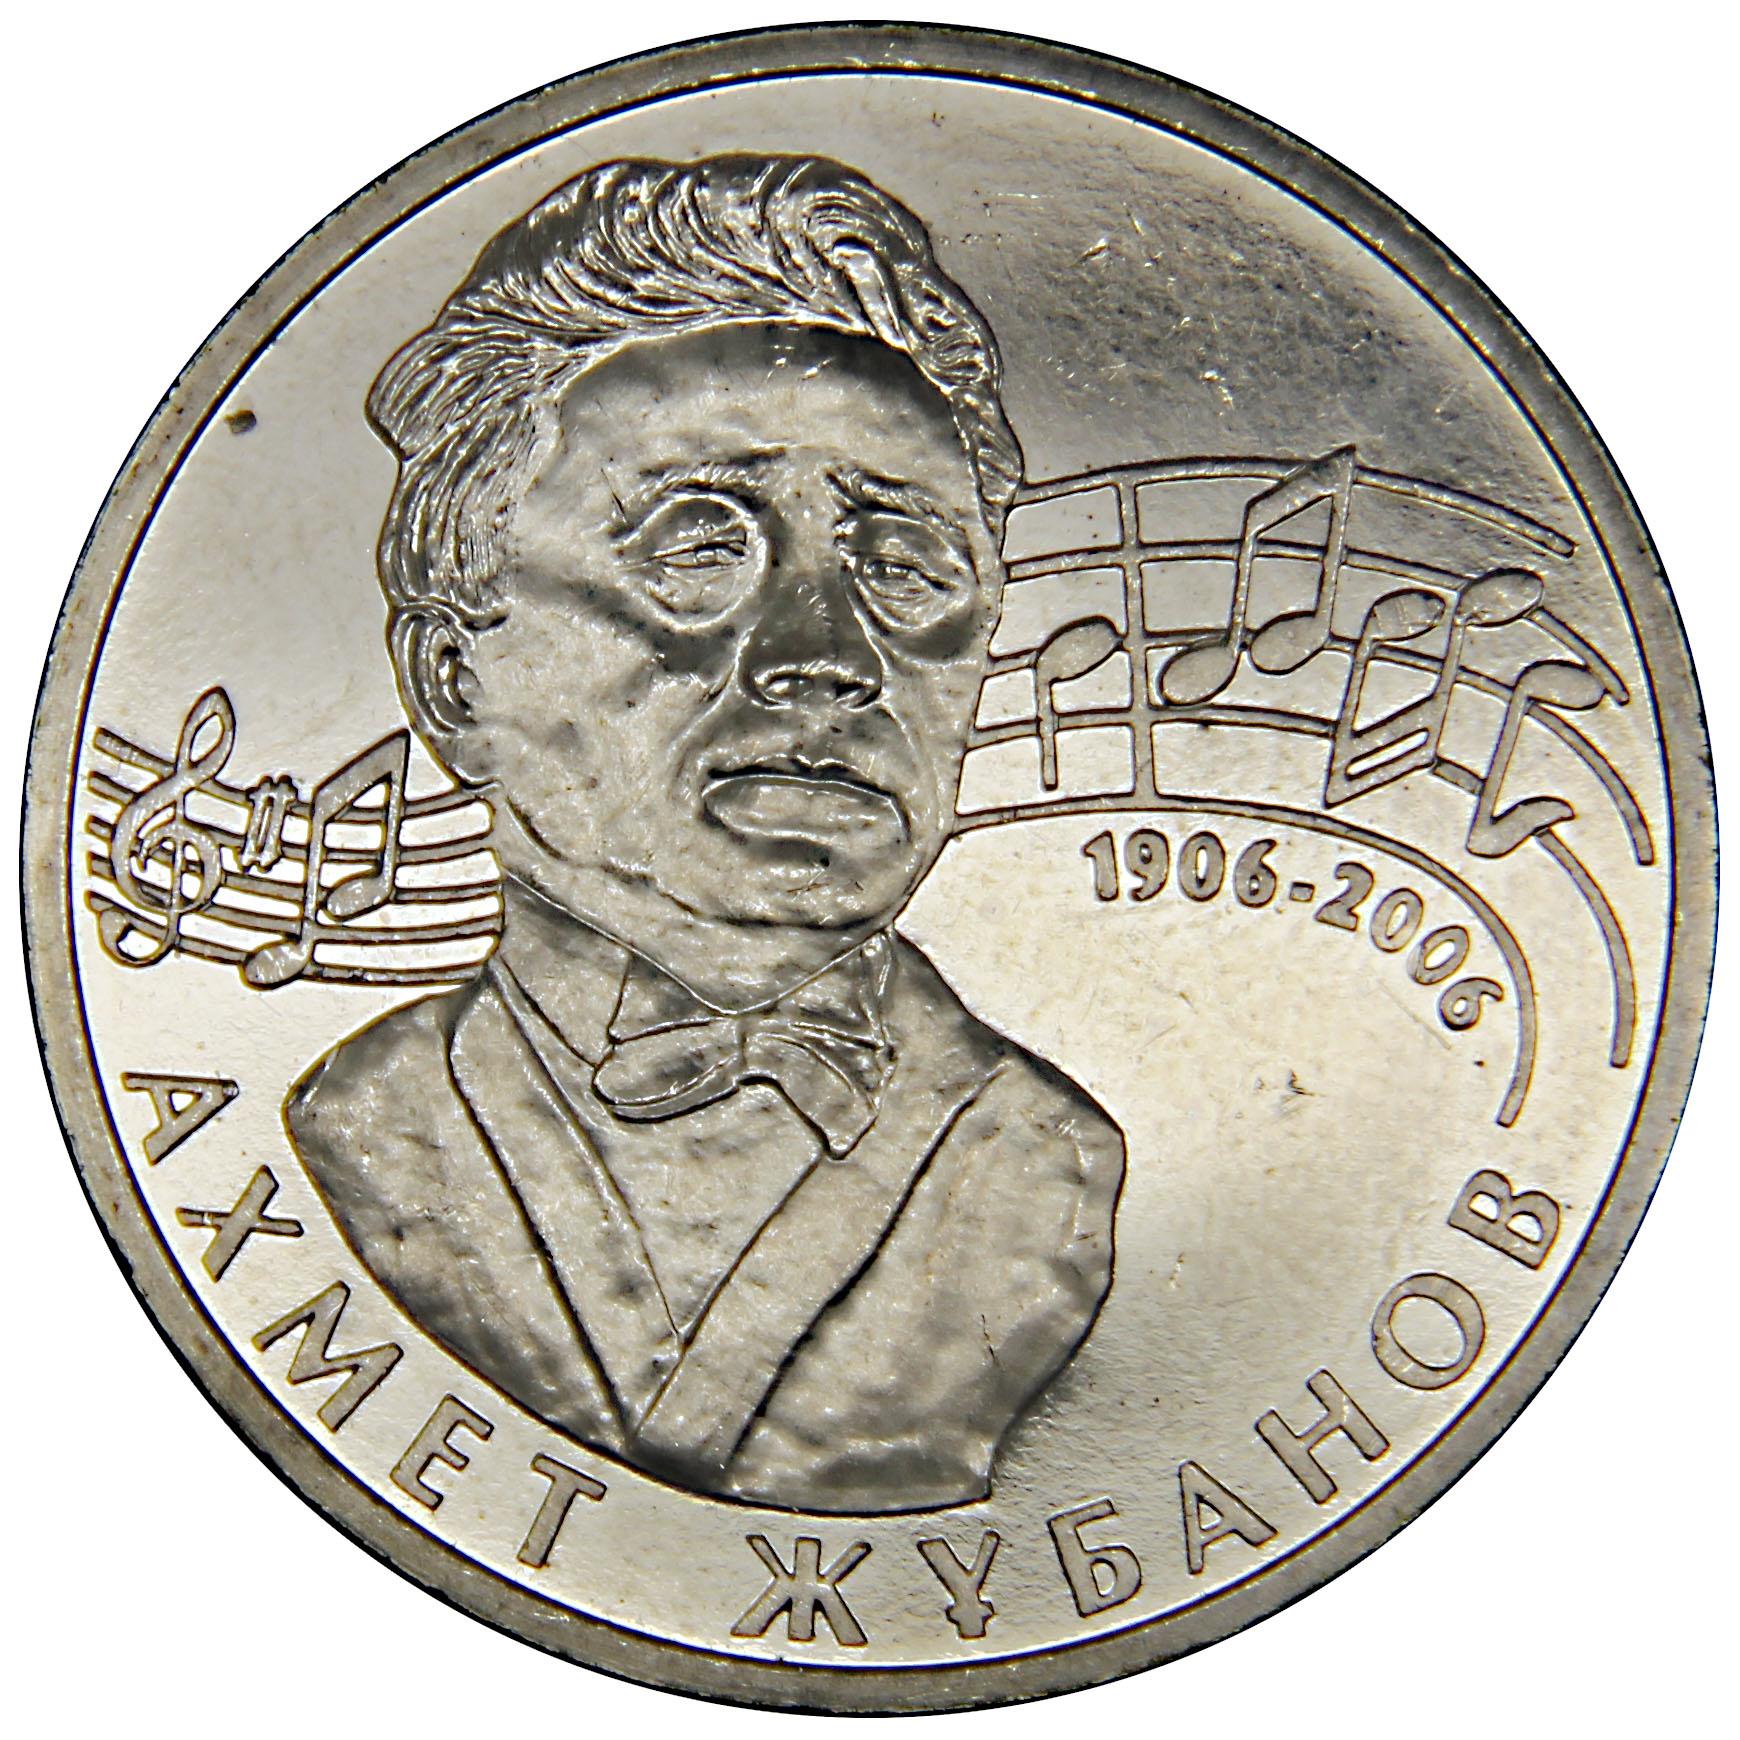 Монета номиналом 50 тенге 100 лет со дня рождения А.Жубанова. Казахстан, 2006 год монета усть каменогорск номиналом 50 тенге нейзильбер казахстан 2011 год